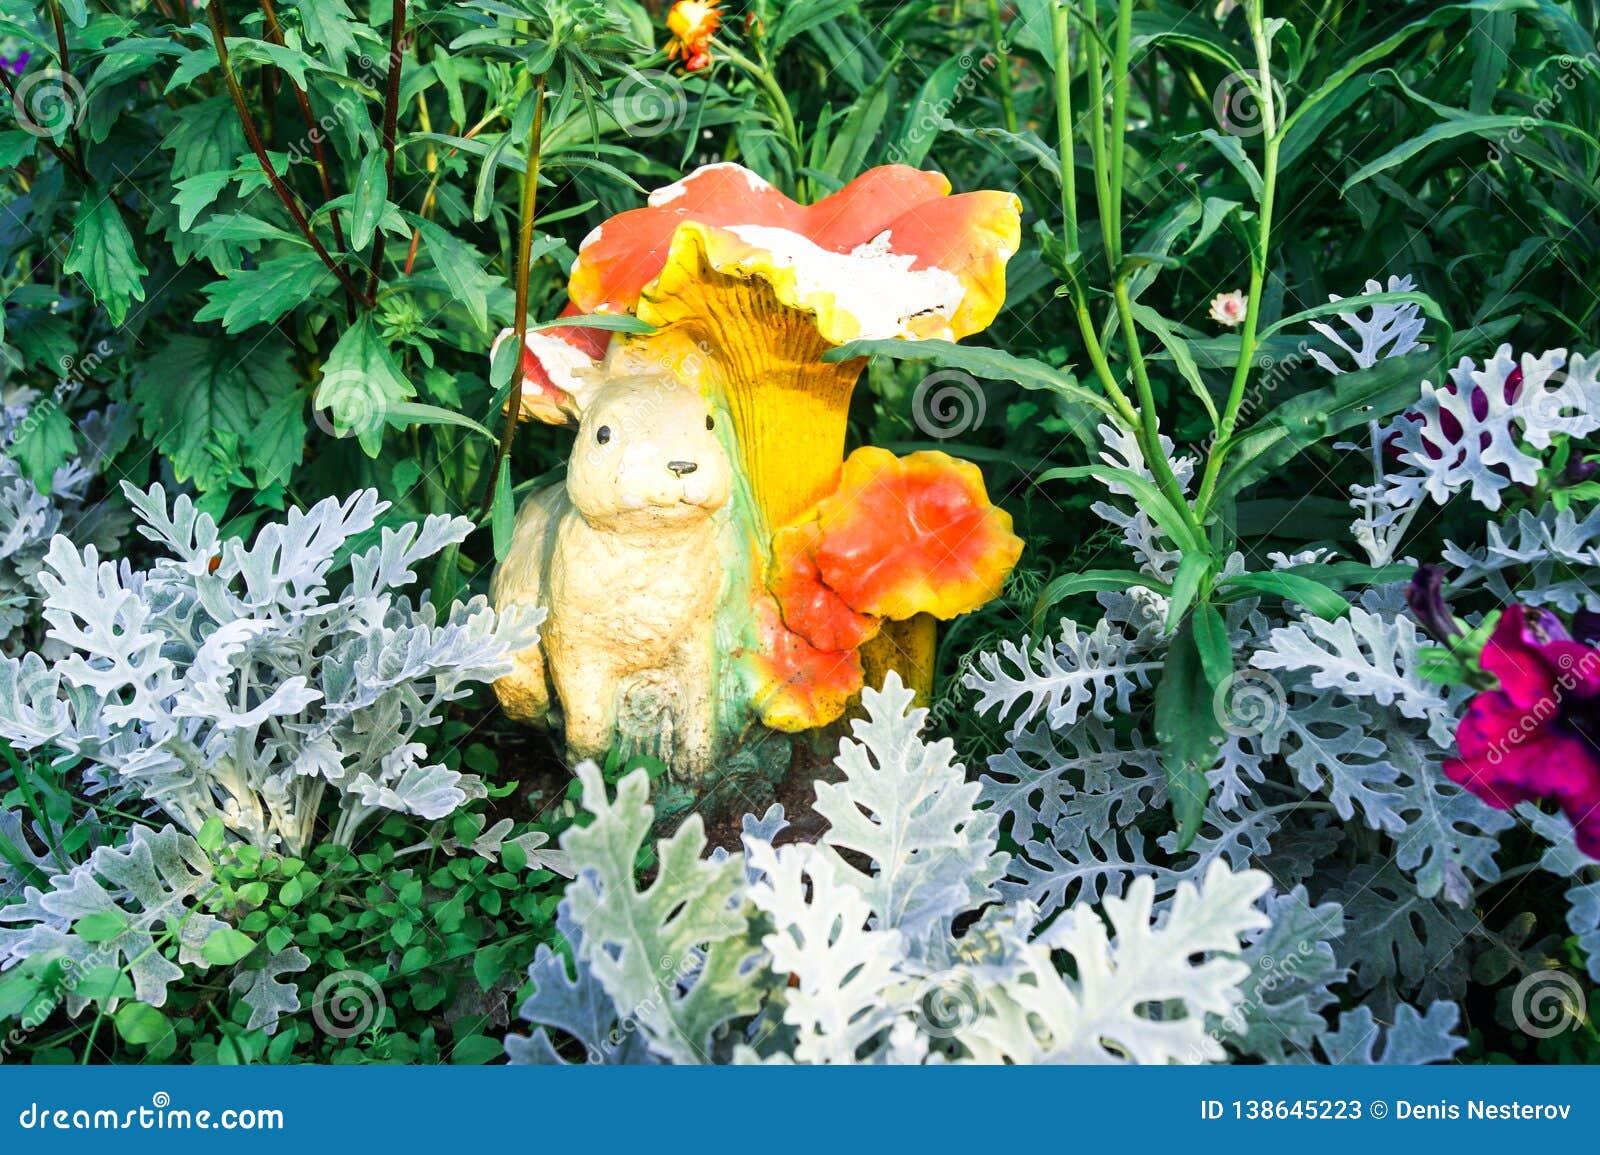 Cineraria на предпосылке зеленых листьев и скульптуре зайца в саде